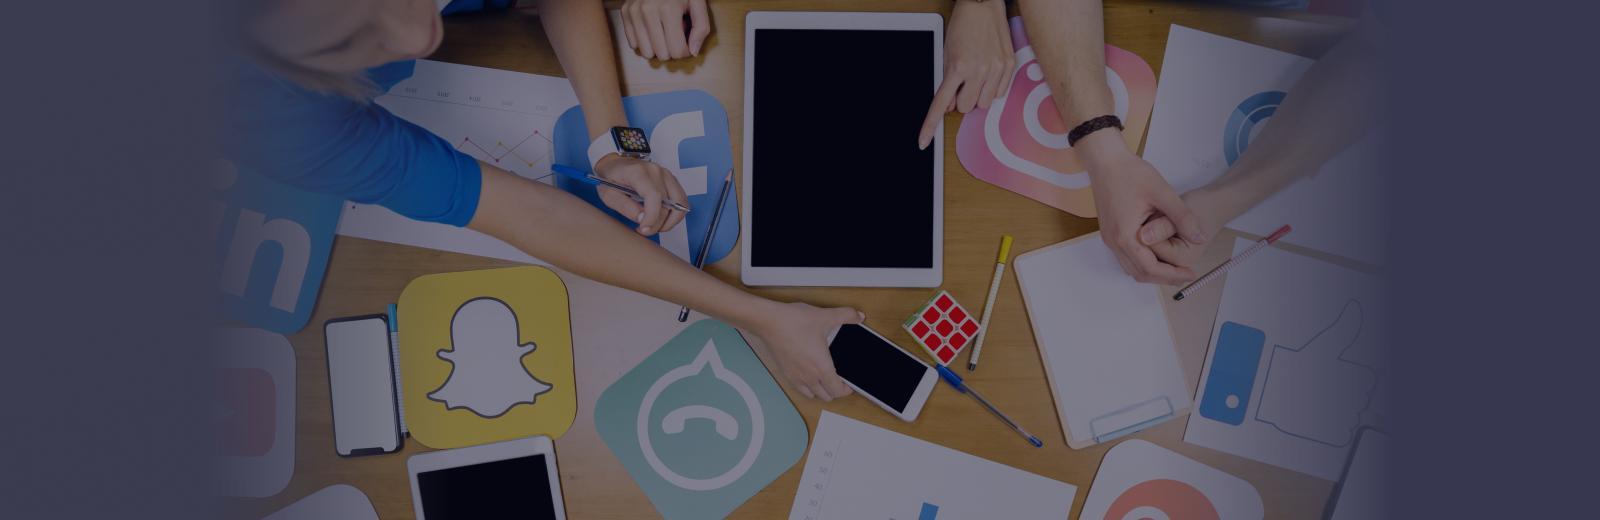 Цифровая социология и новые медиа